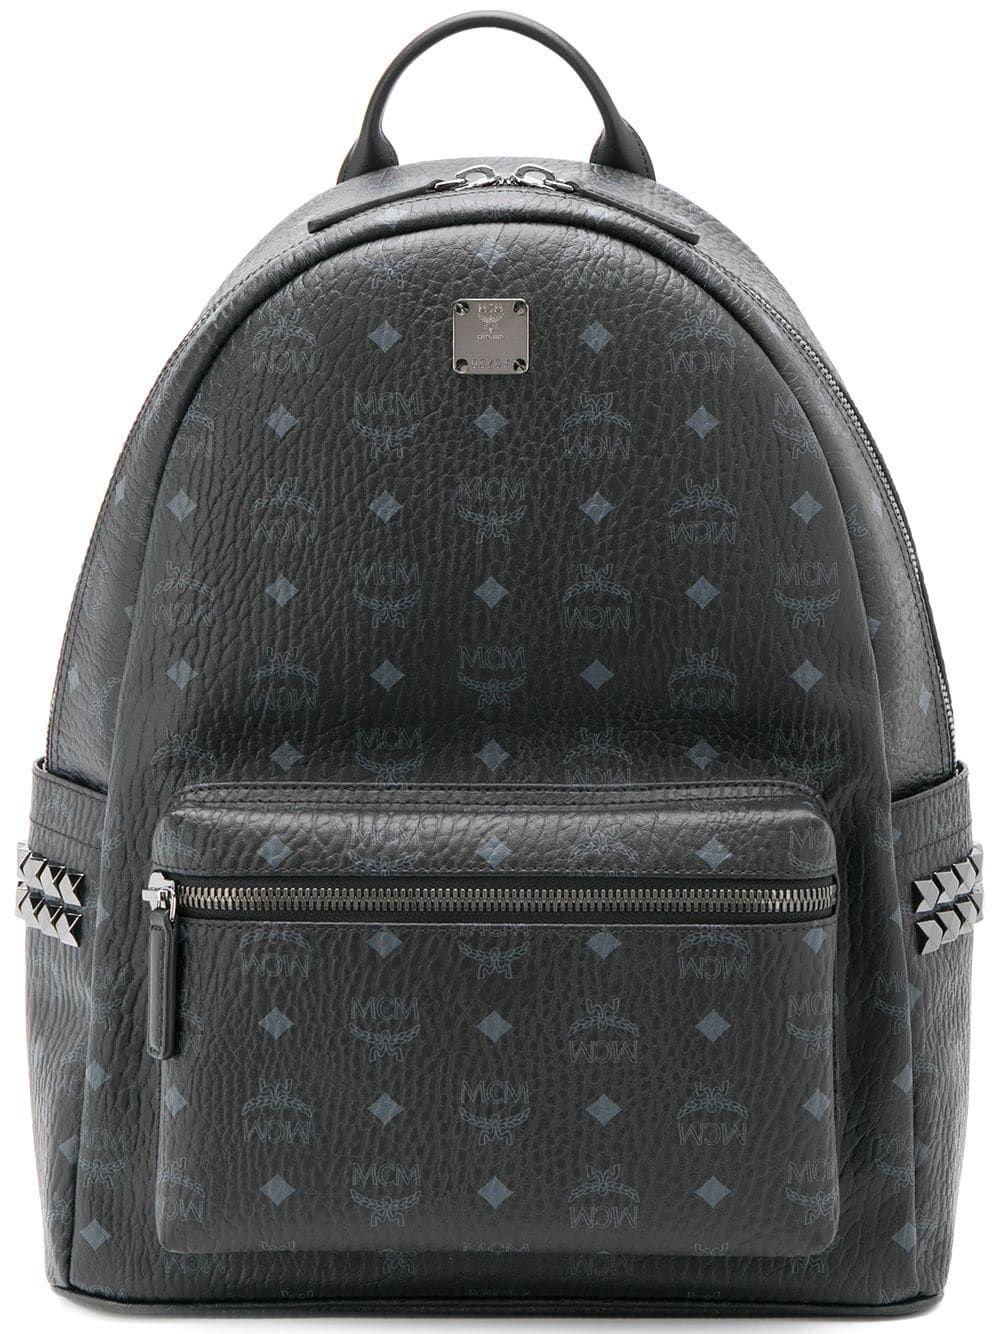 MCM logo print backpack Black | Black backpack, Mcm, Mcm bags